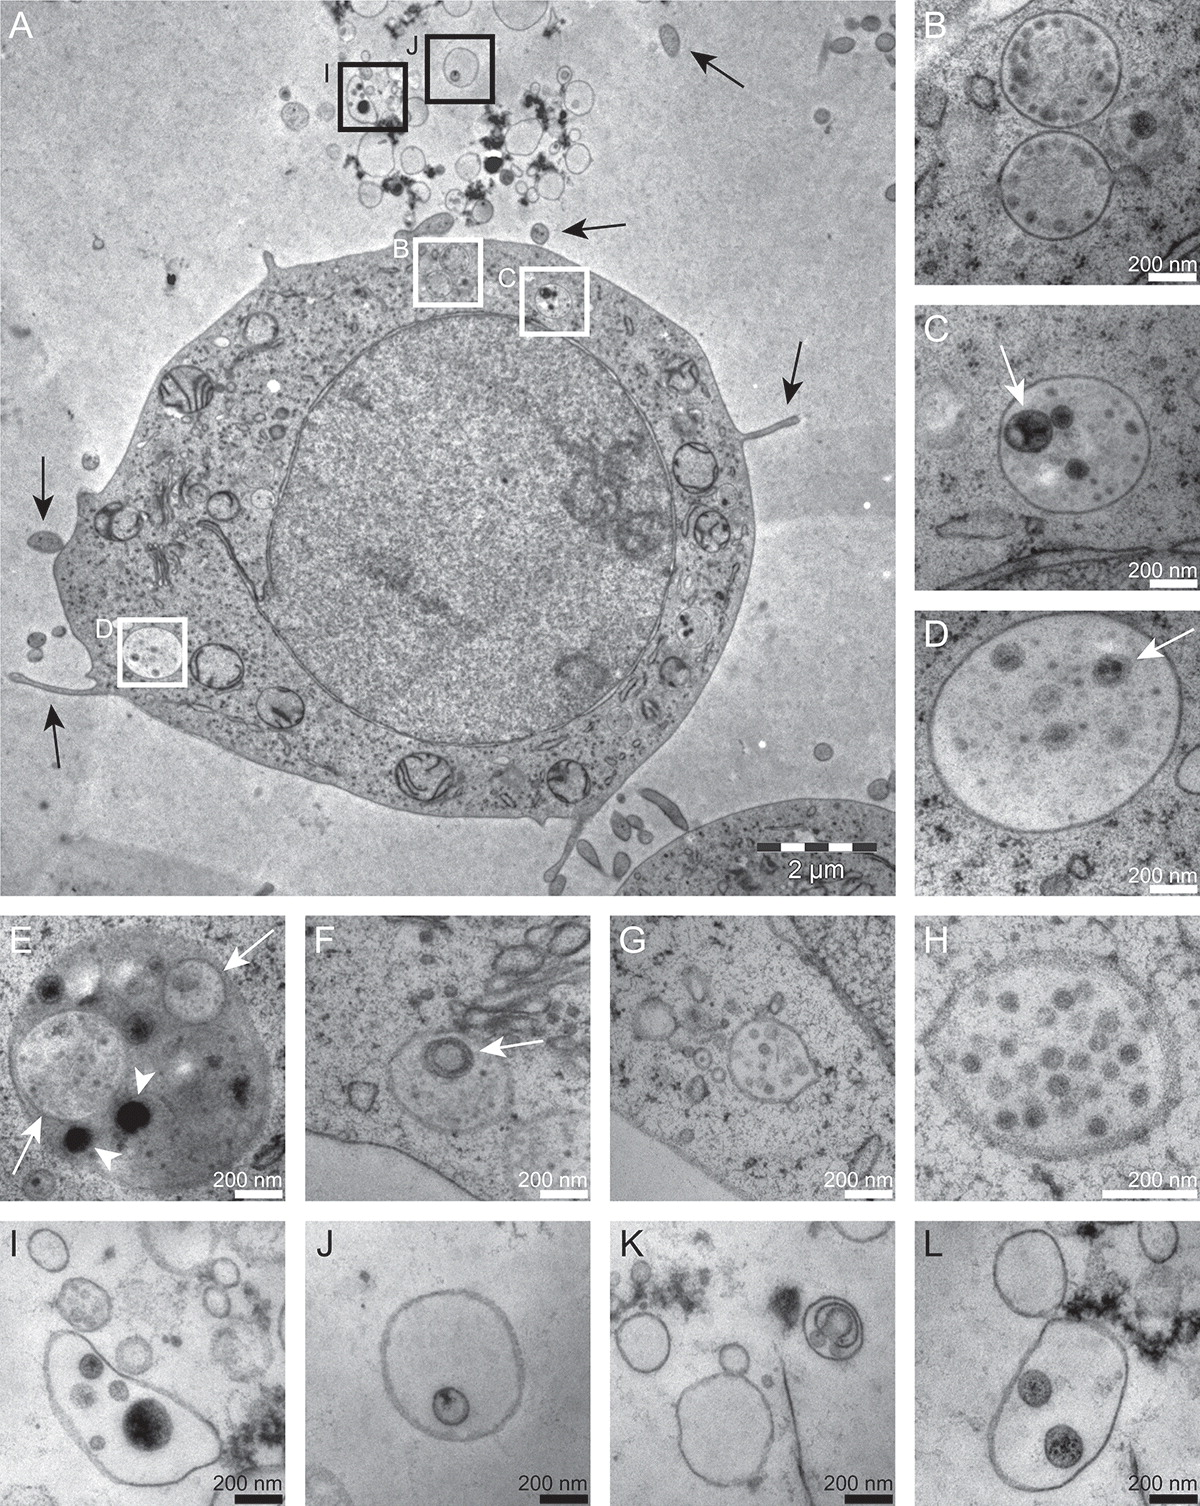 同类细胞分泌的外泌体具有各种不同形态 | 你电镜打出来的外泌体长啥样?